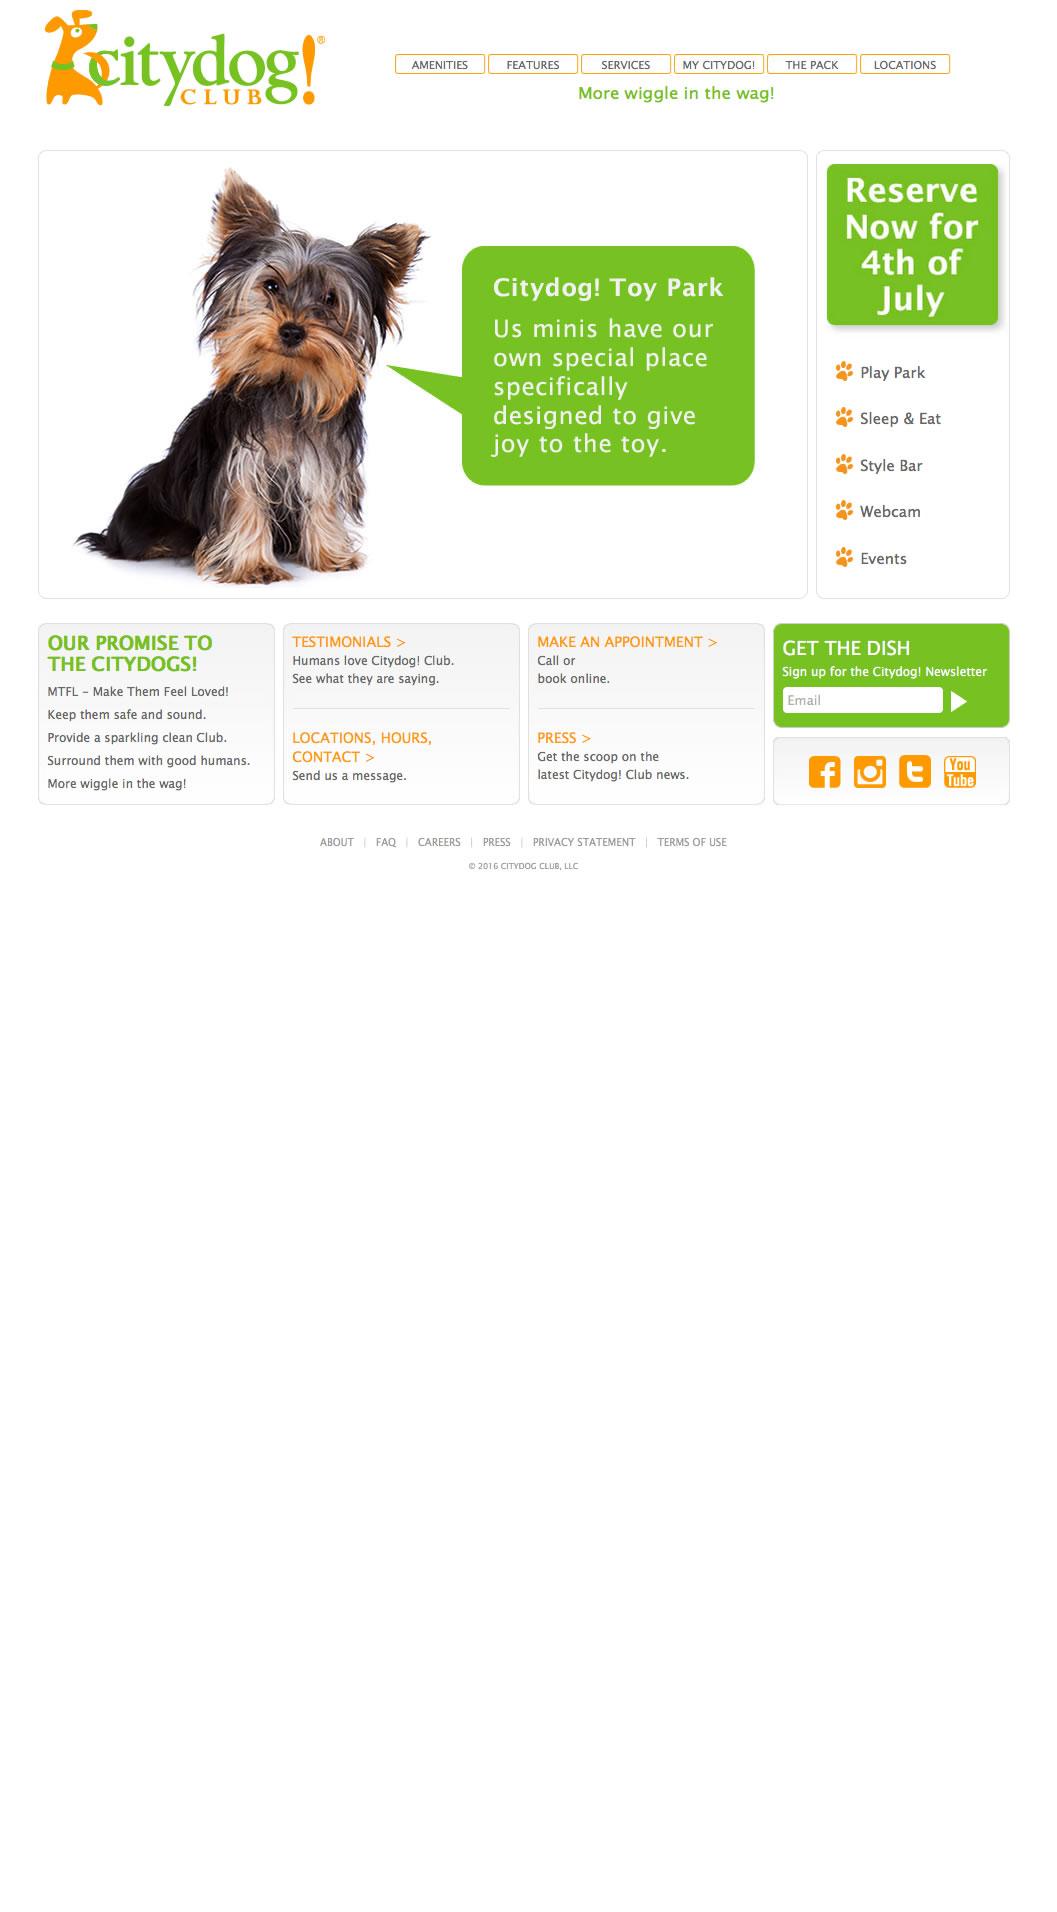 Citydog! Club Home Page